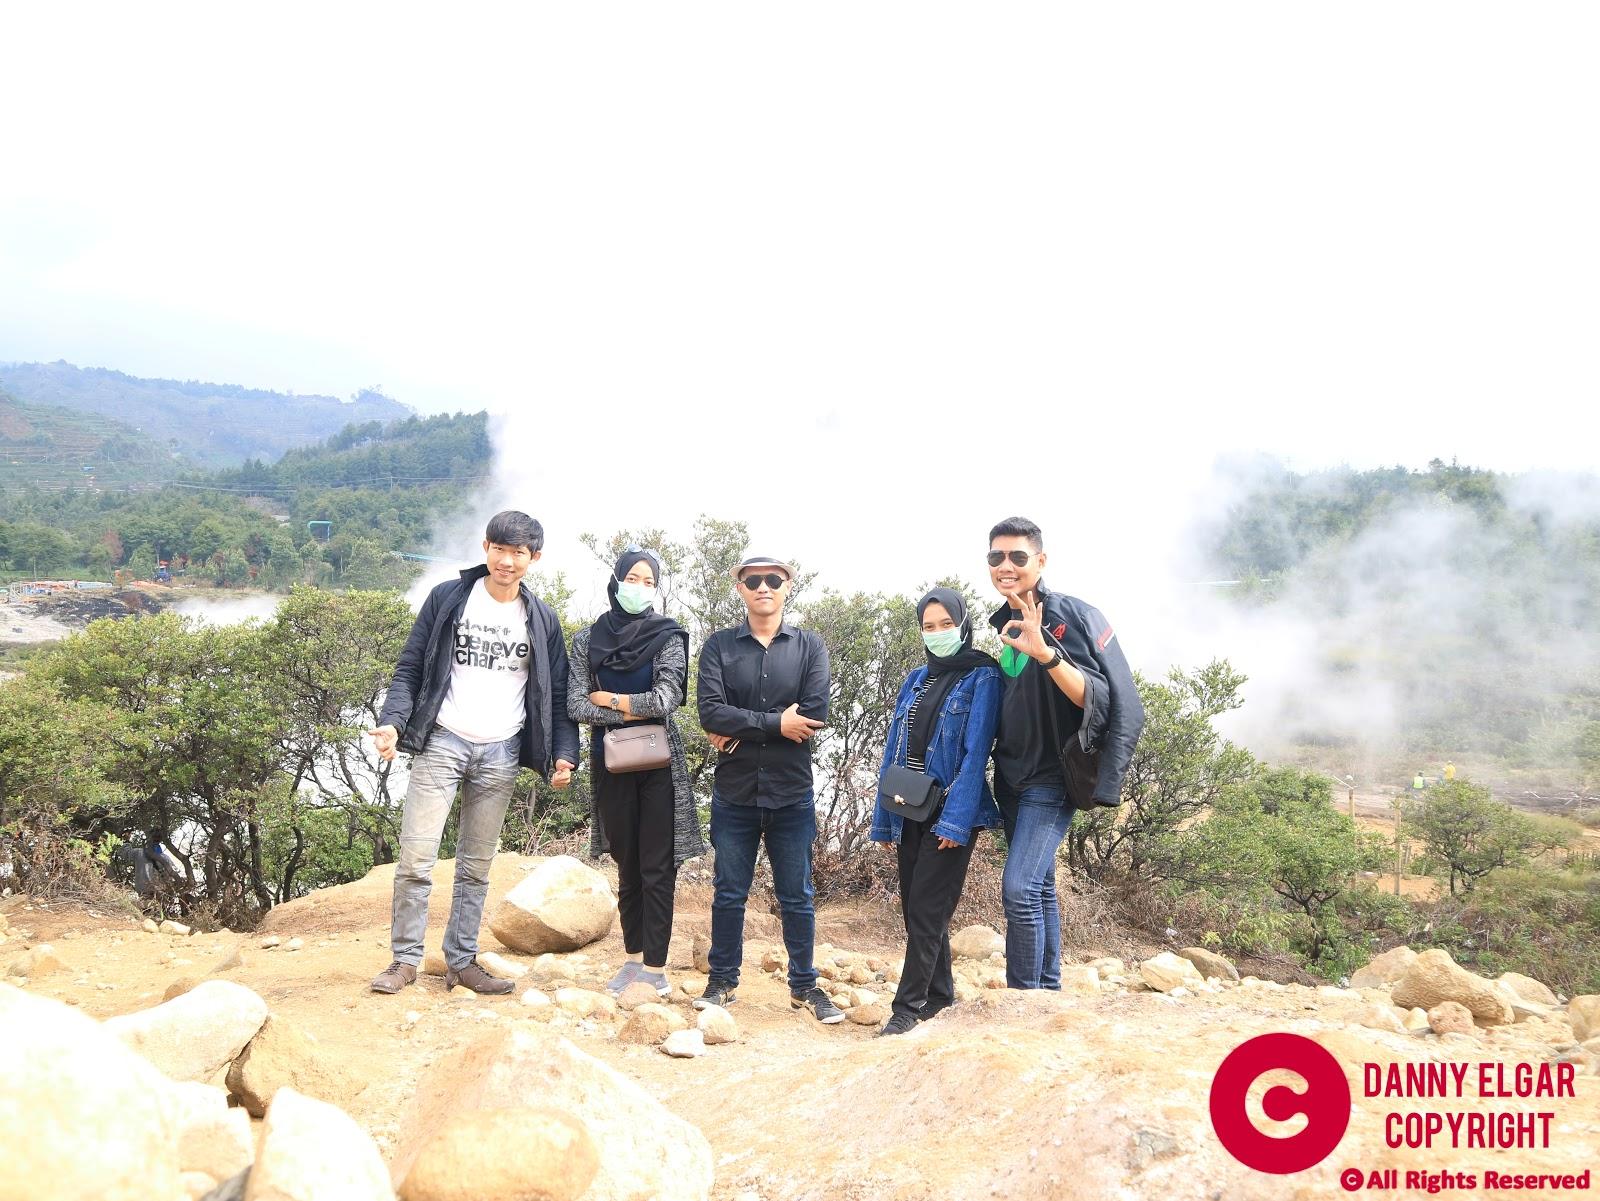 Dataran Tinggi Dieng adalah kawasan vulkanik aktif di Jawa Tengah, yang masuk wilayah Kabupaten Banjarnegara dan Kabupaten Wonosobo. Letaknya berada di sebelah barat kompleks Gunung Sindoro dan Gunung Sumbing.